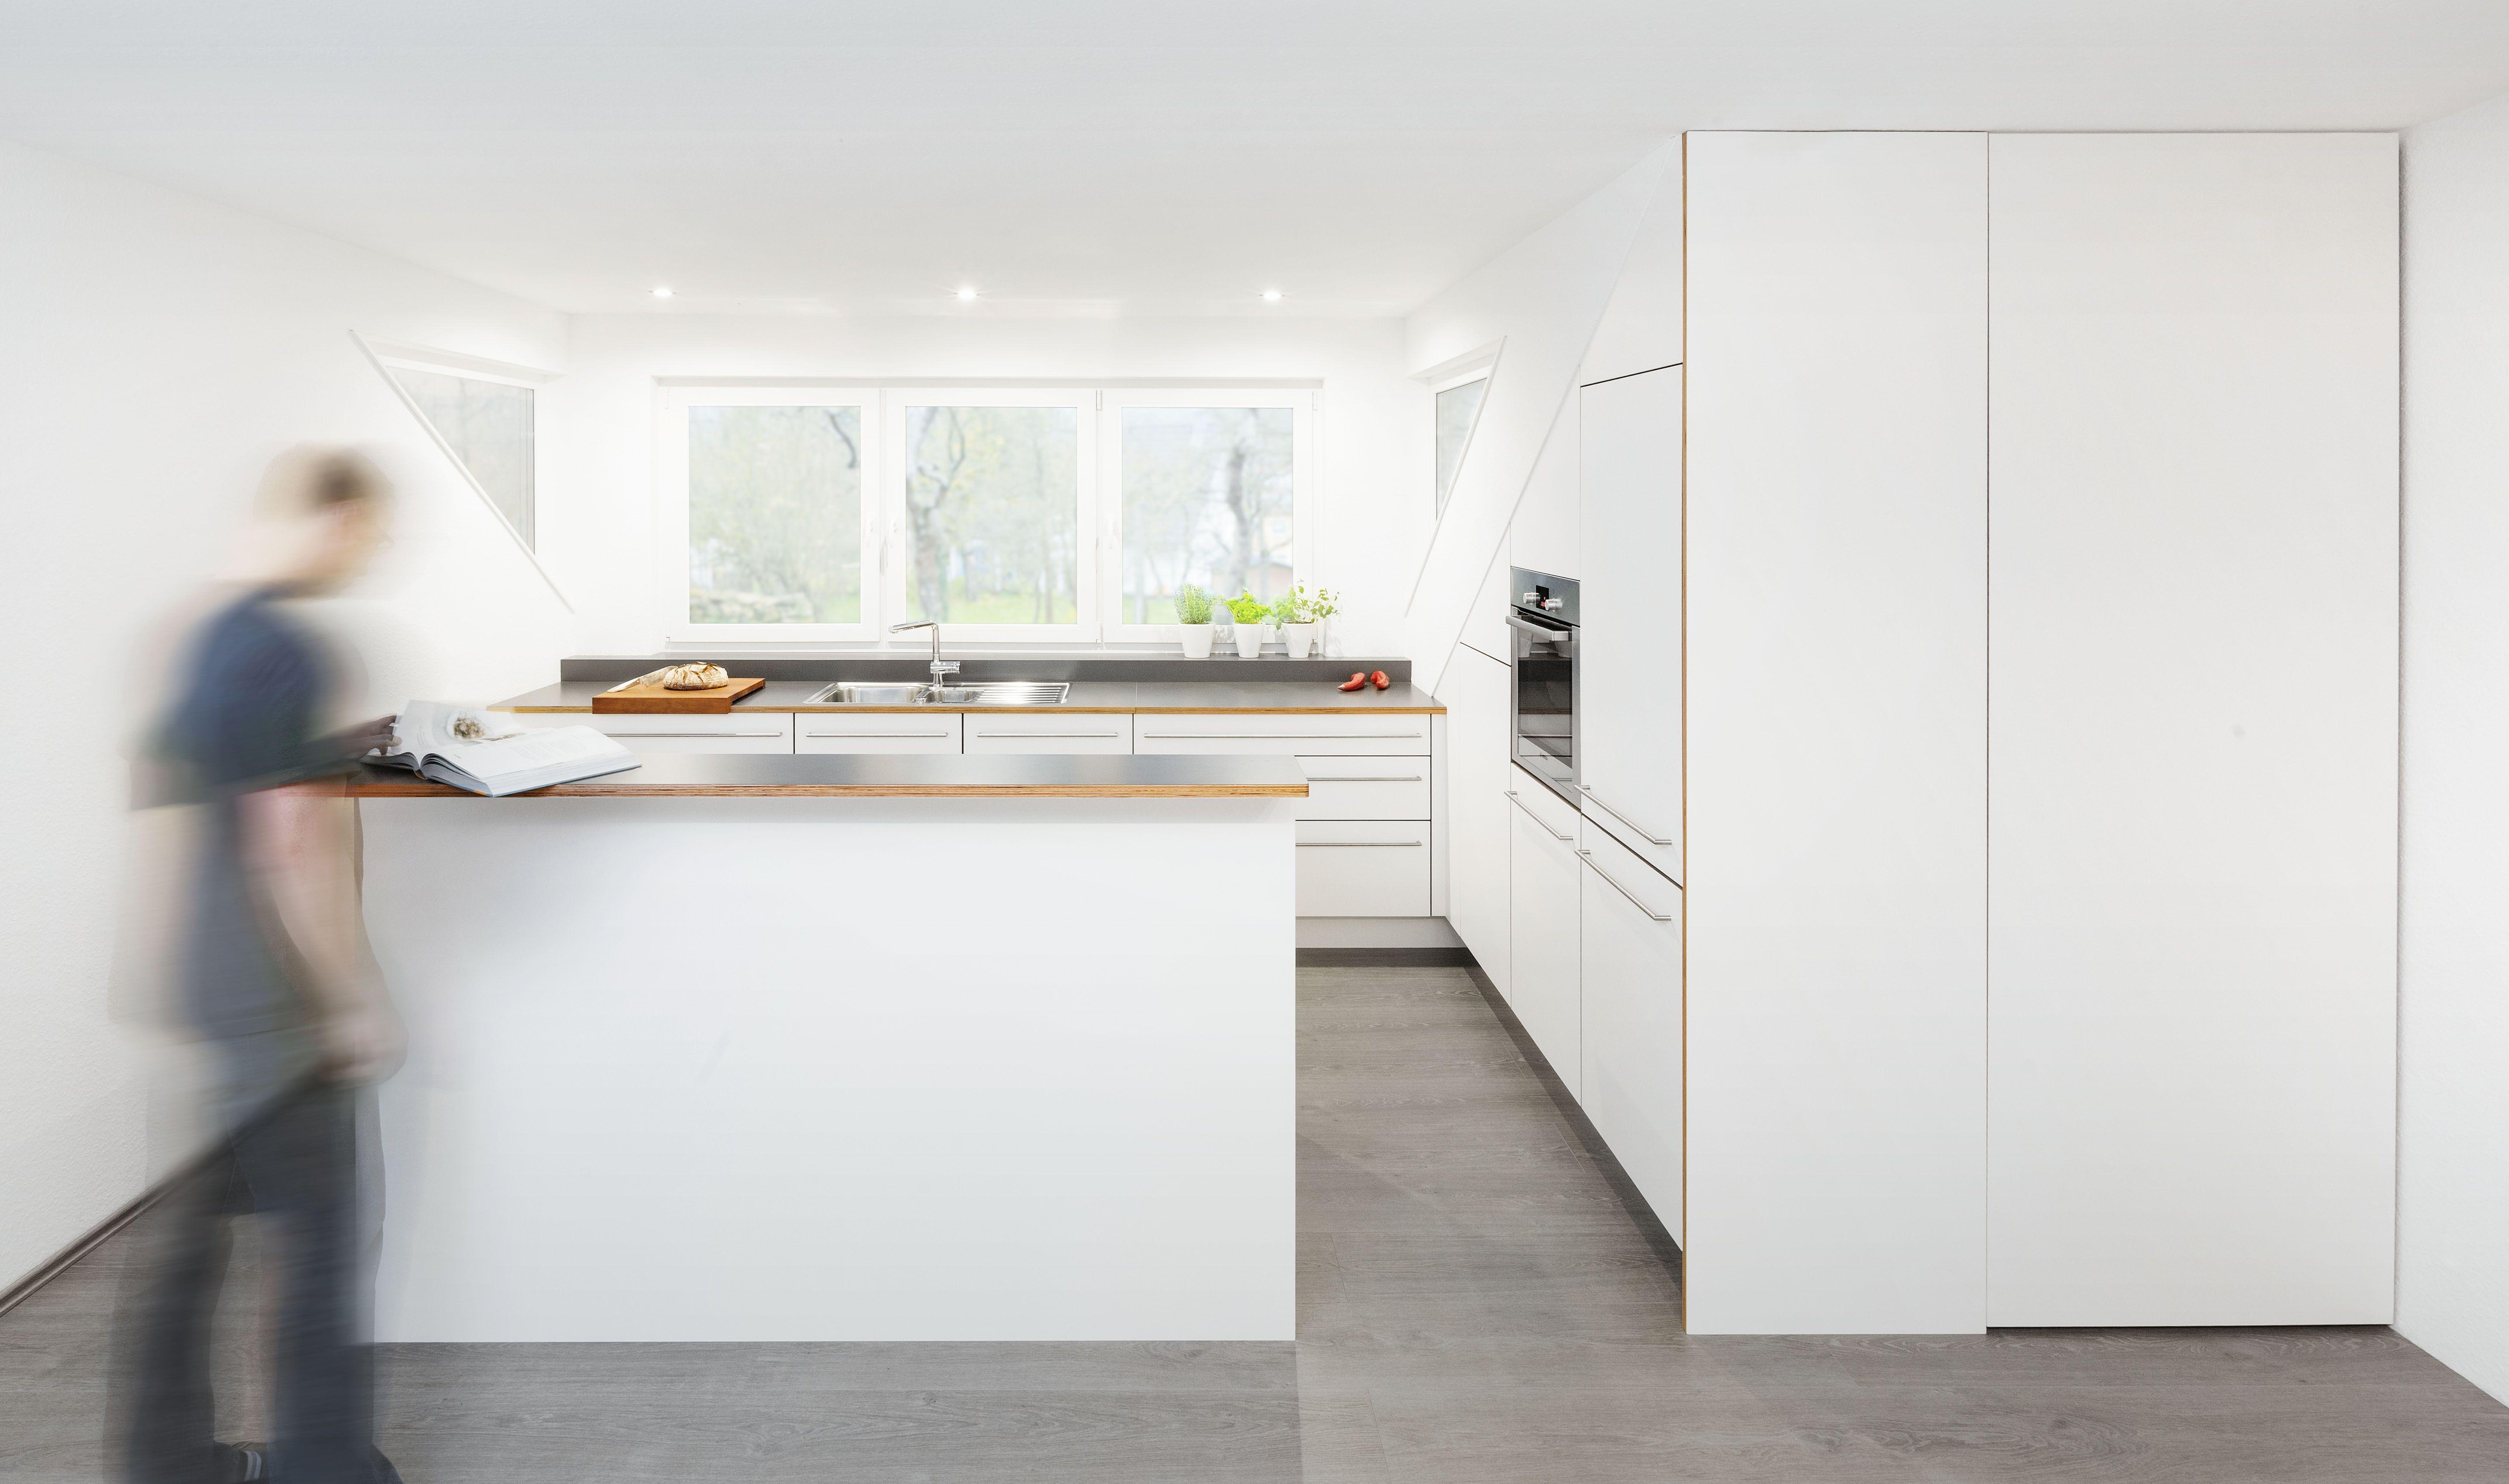 Moderne Weisse Kuche Mit Dunkler Kuchenarbeitsplatte Und Kanten In